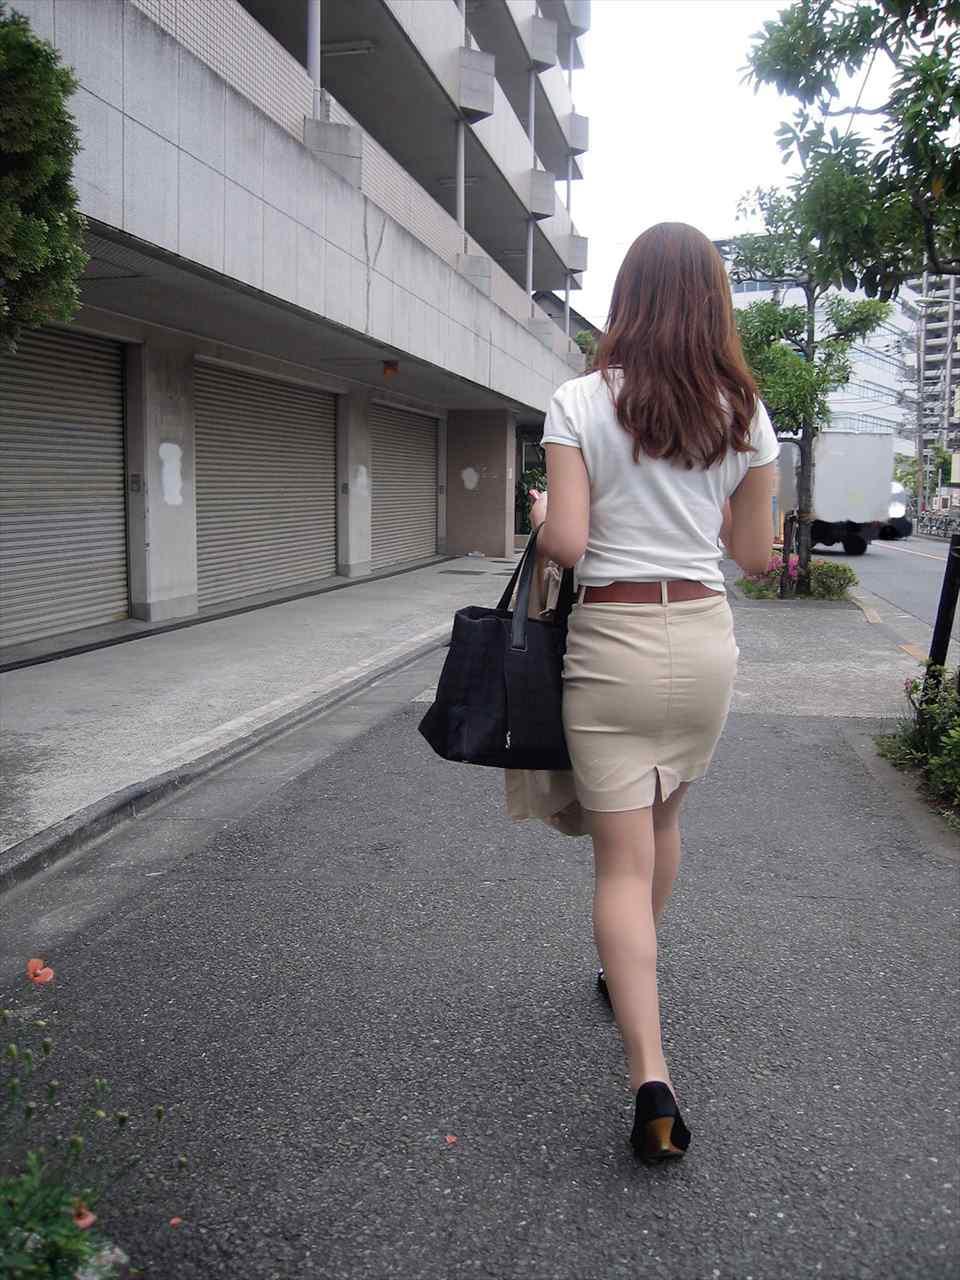 美人OLのエリートビッチなタイトスカート盗撮エロ画像6枚目